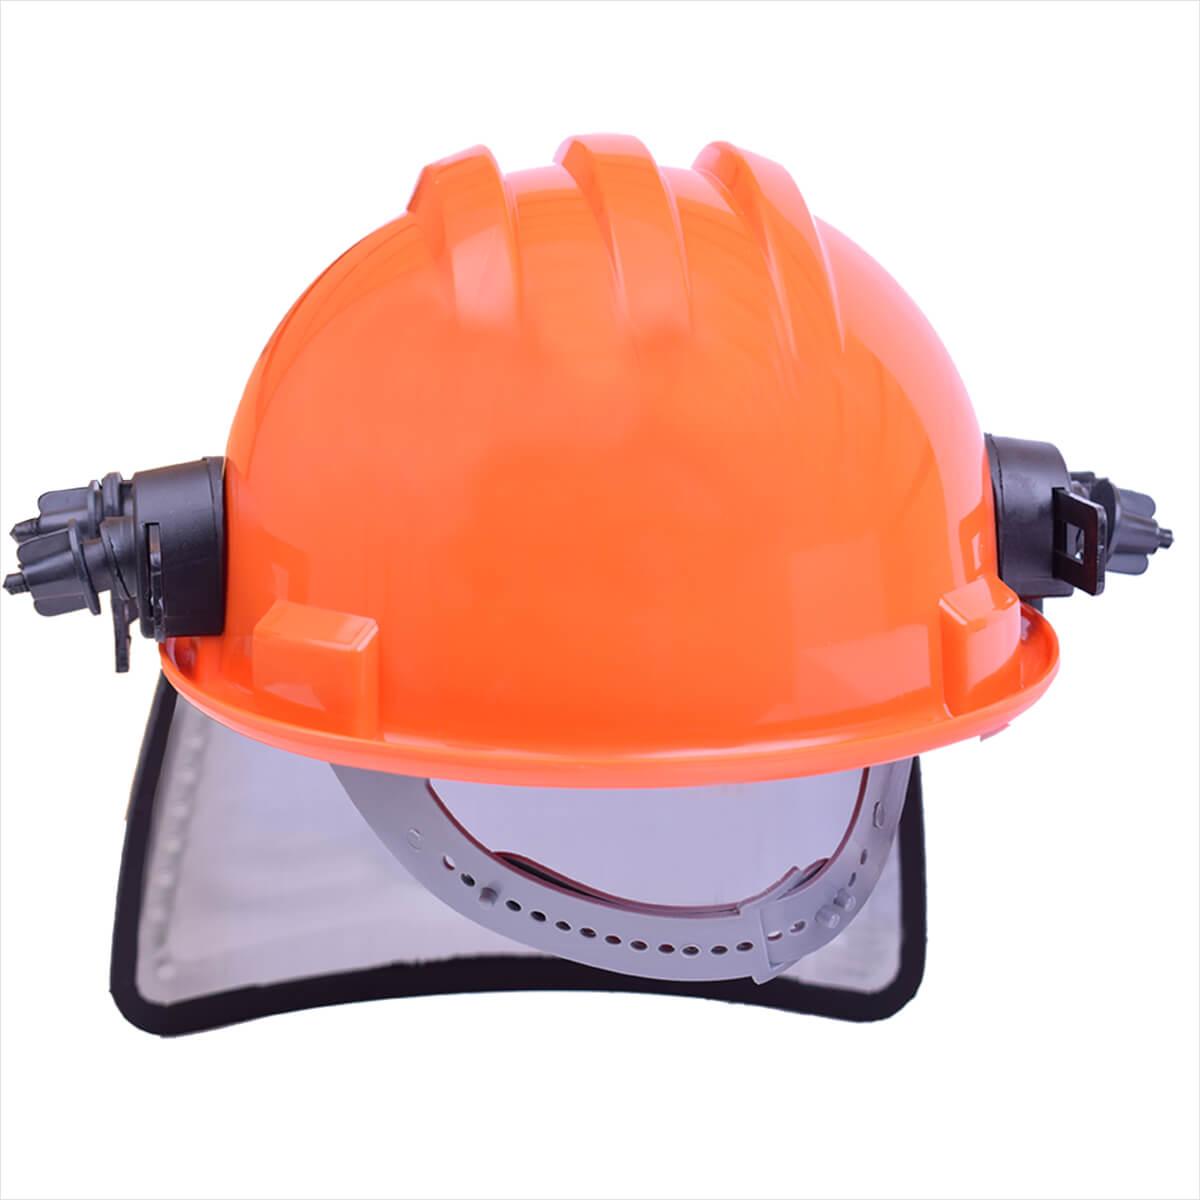 e628e4753ed46 Capacete De Segurança Laranja Com Protetor Facial Telado Ledan